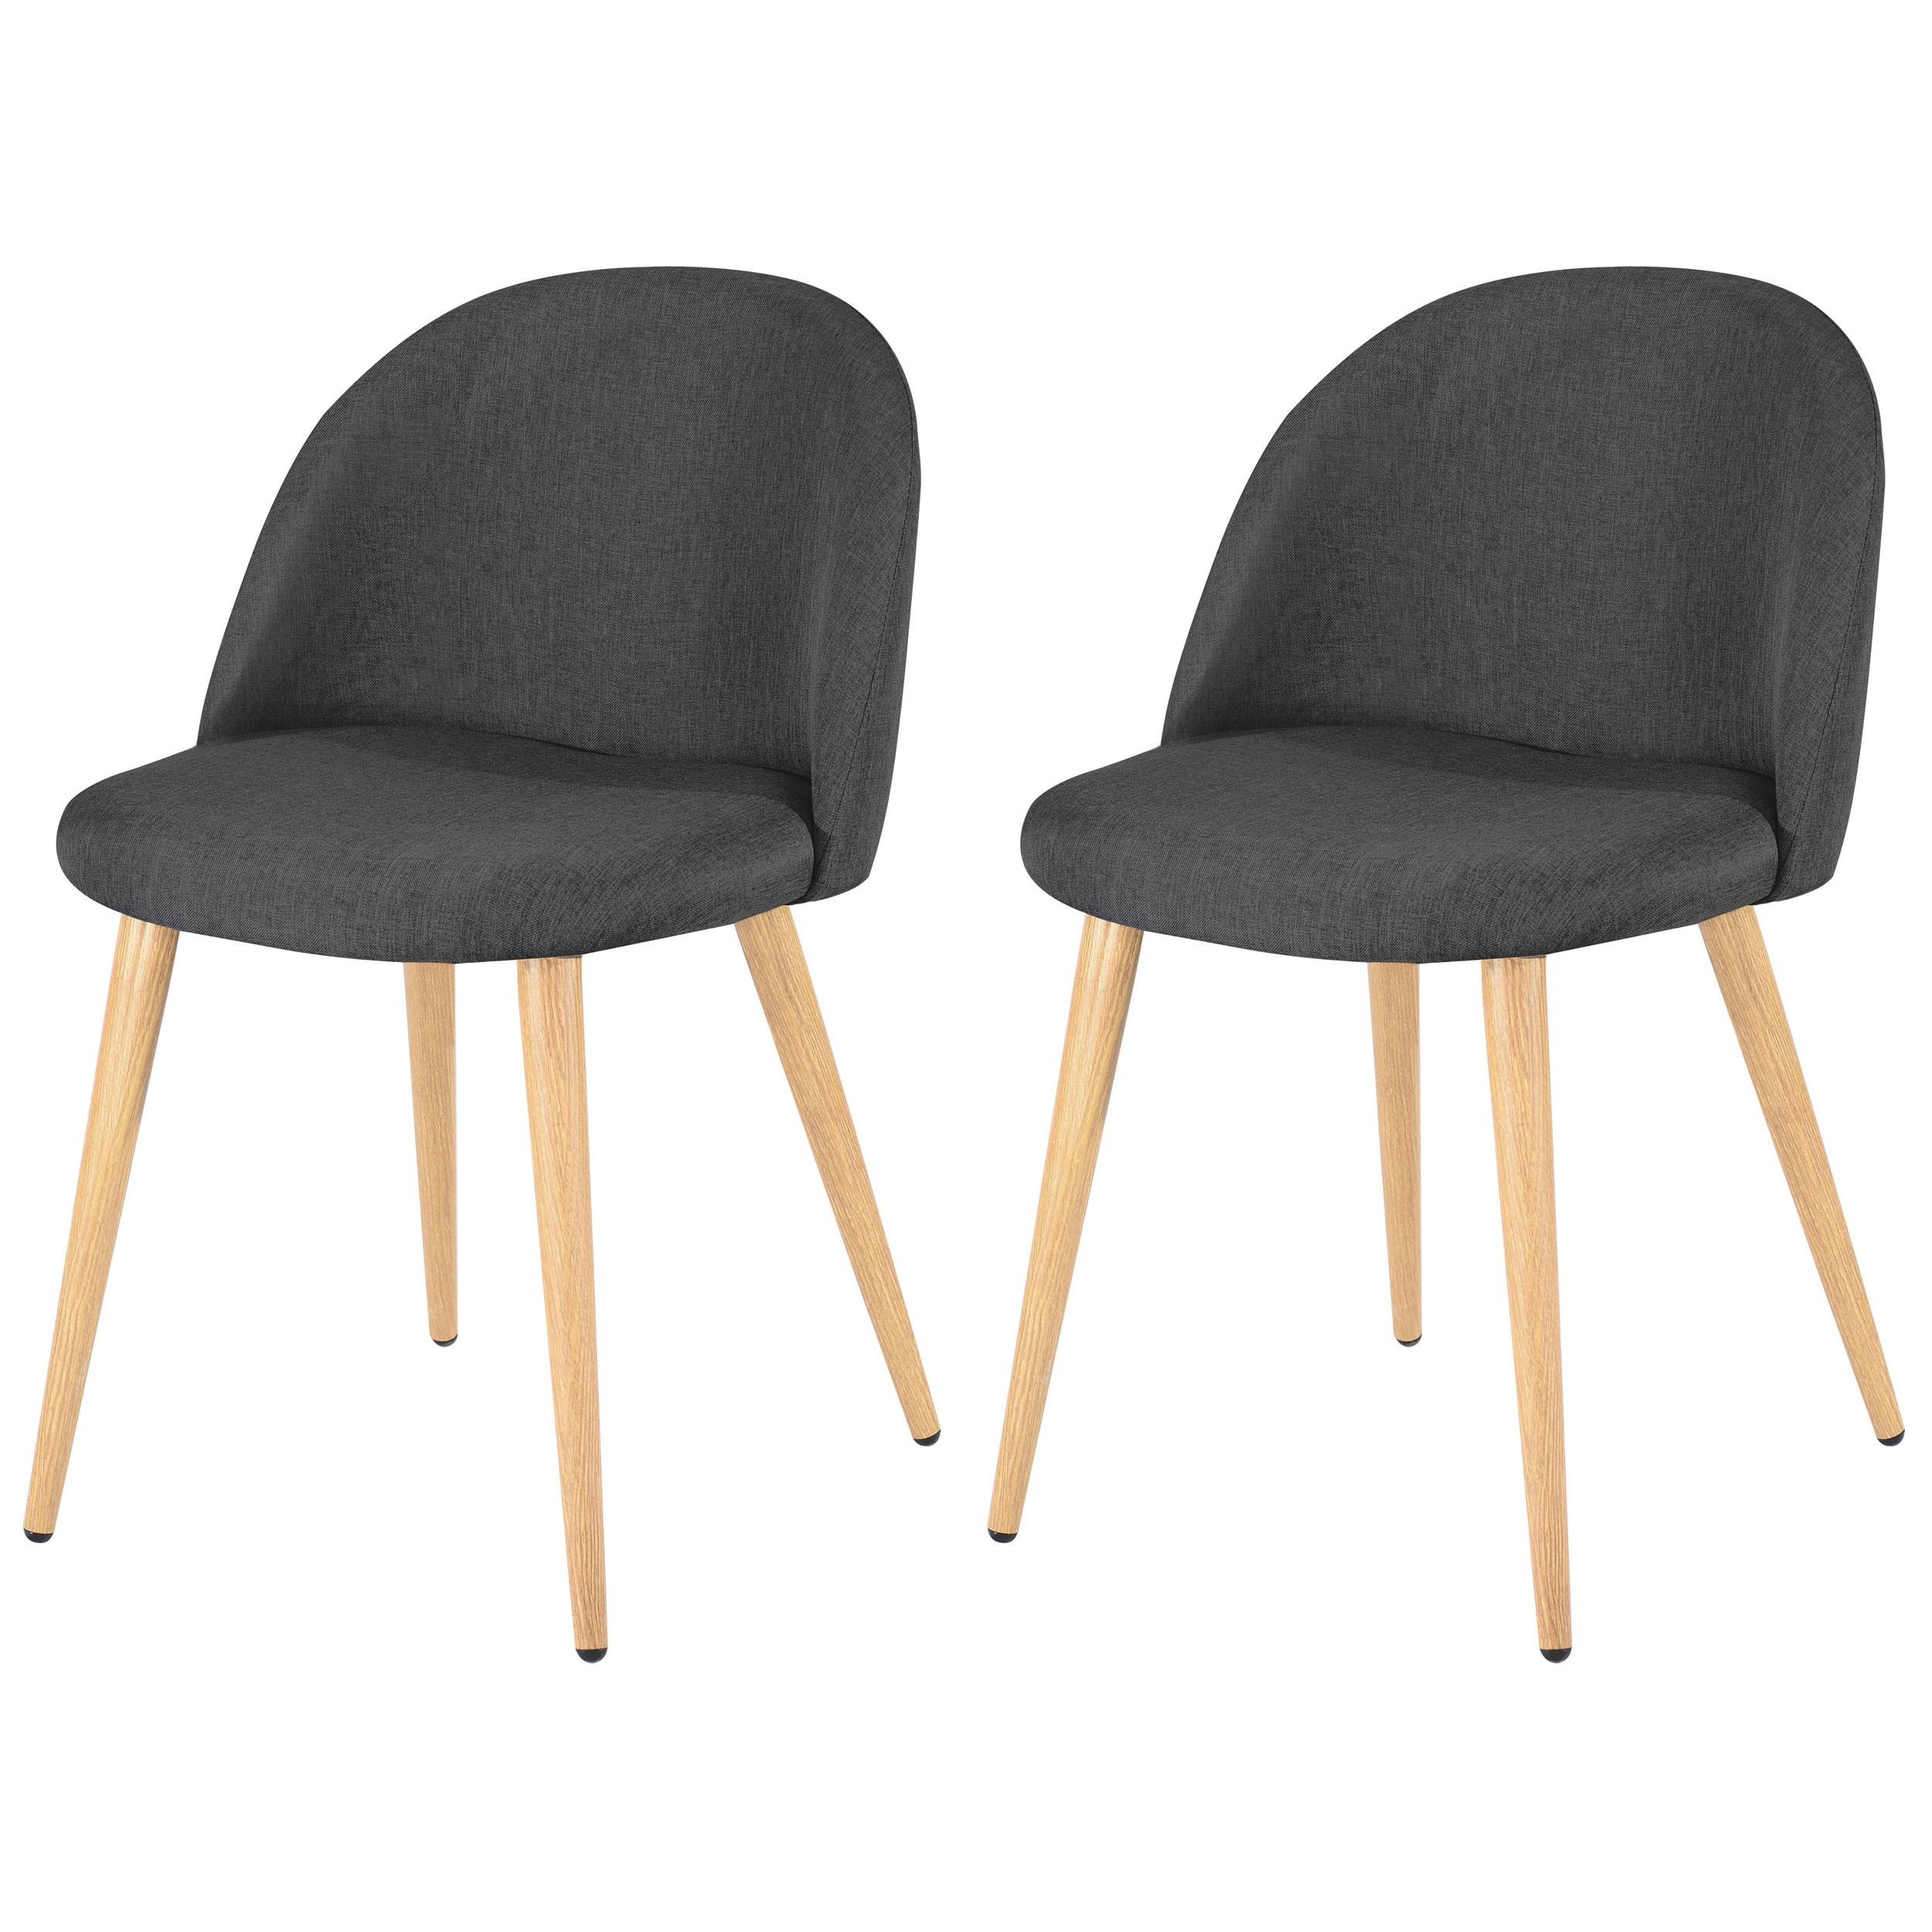 achat lot de 2 chaises en tissu grises